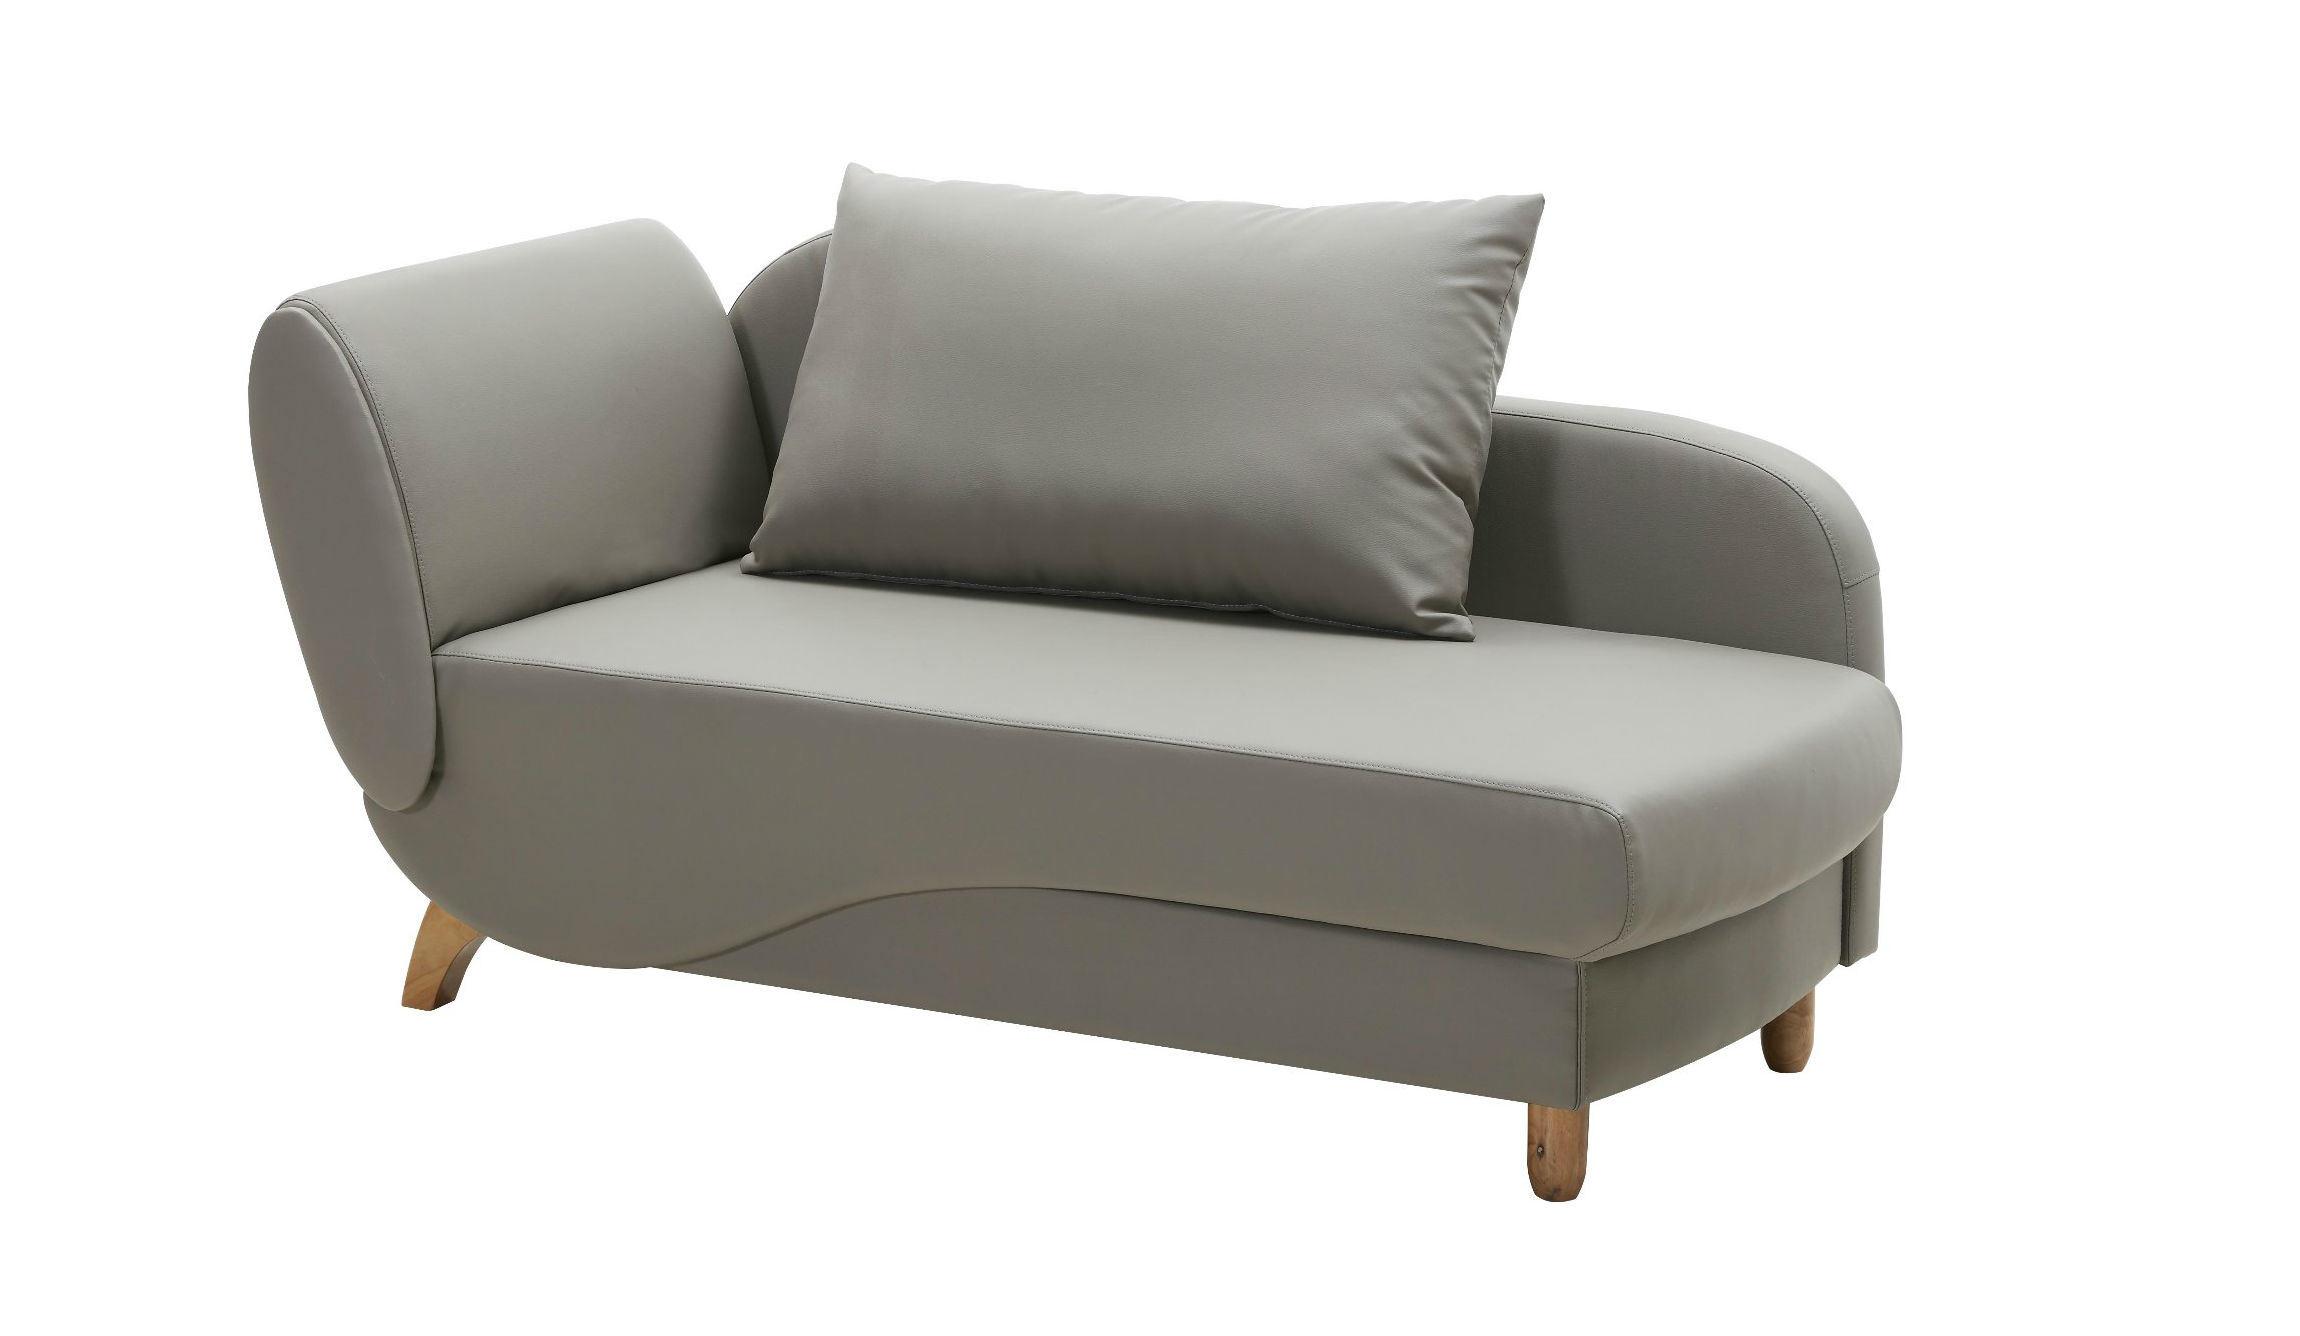 Foto De Chaise Lounge Sofa Cama Con Un Gran Almacenamiento En Es Made In China Com